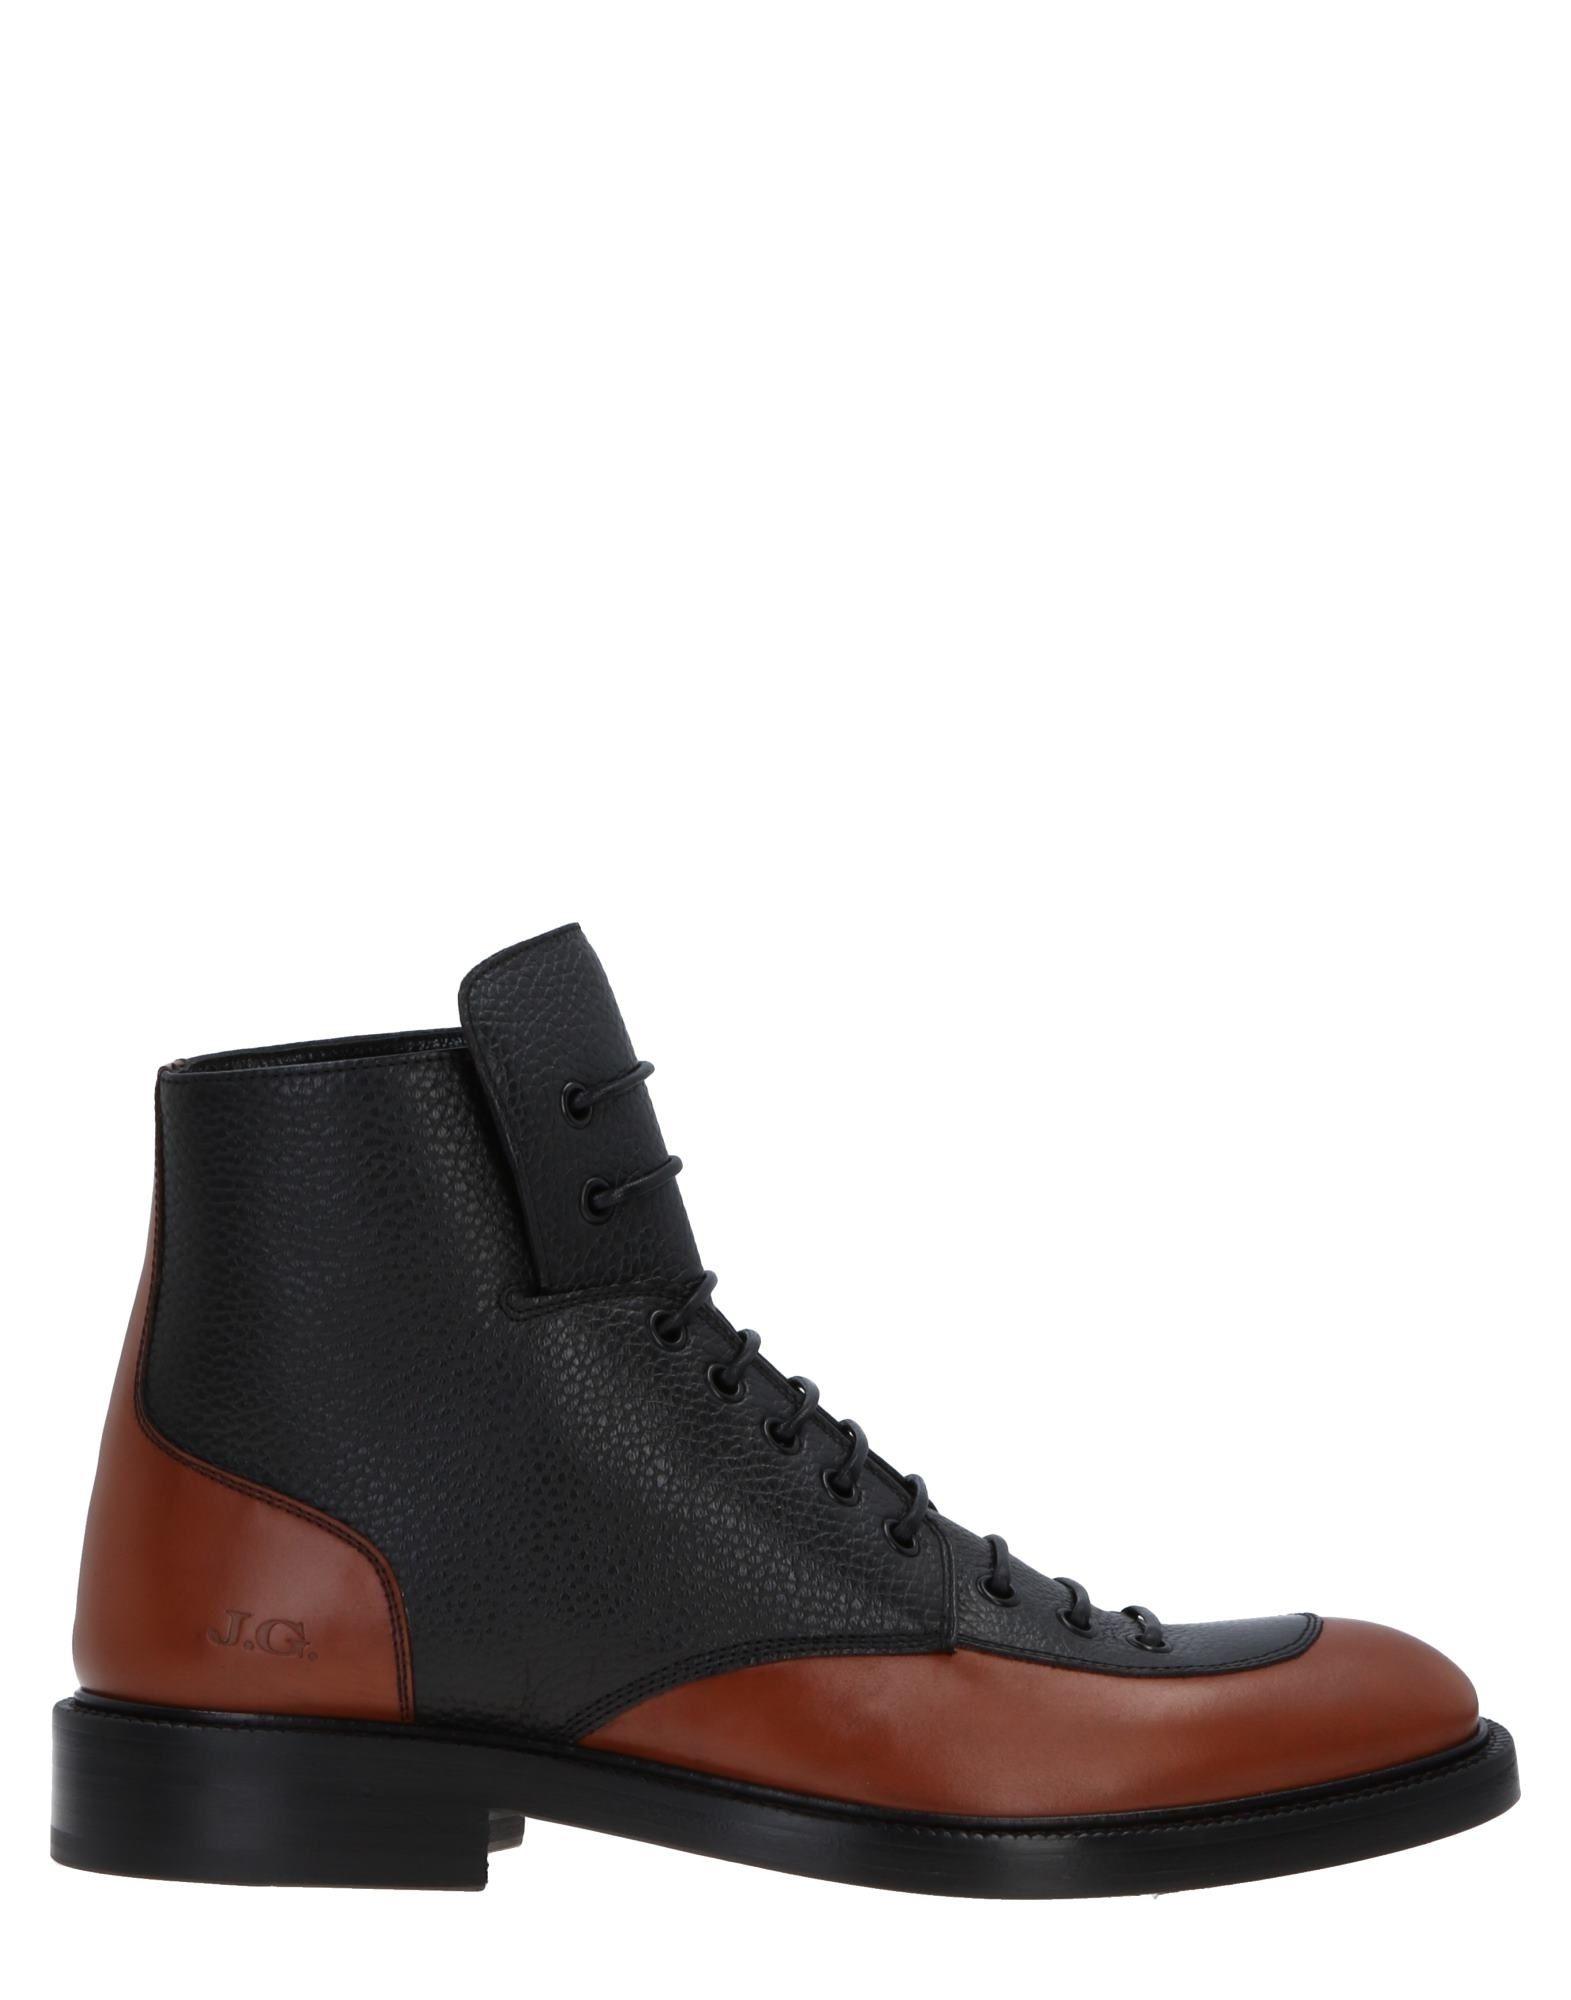 John Galliano Stiefelette Herren  11516818CN Gute Qualität beliebte Schuhe